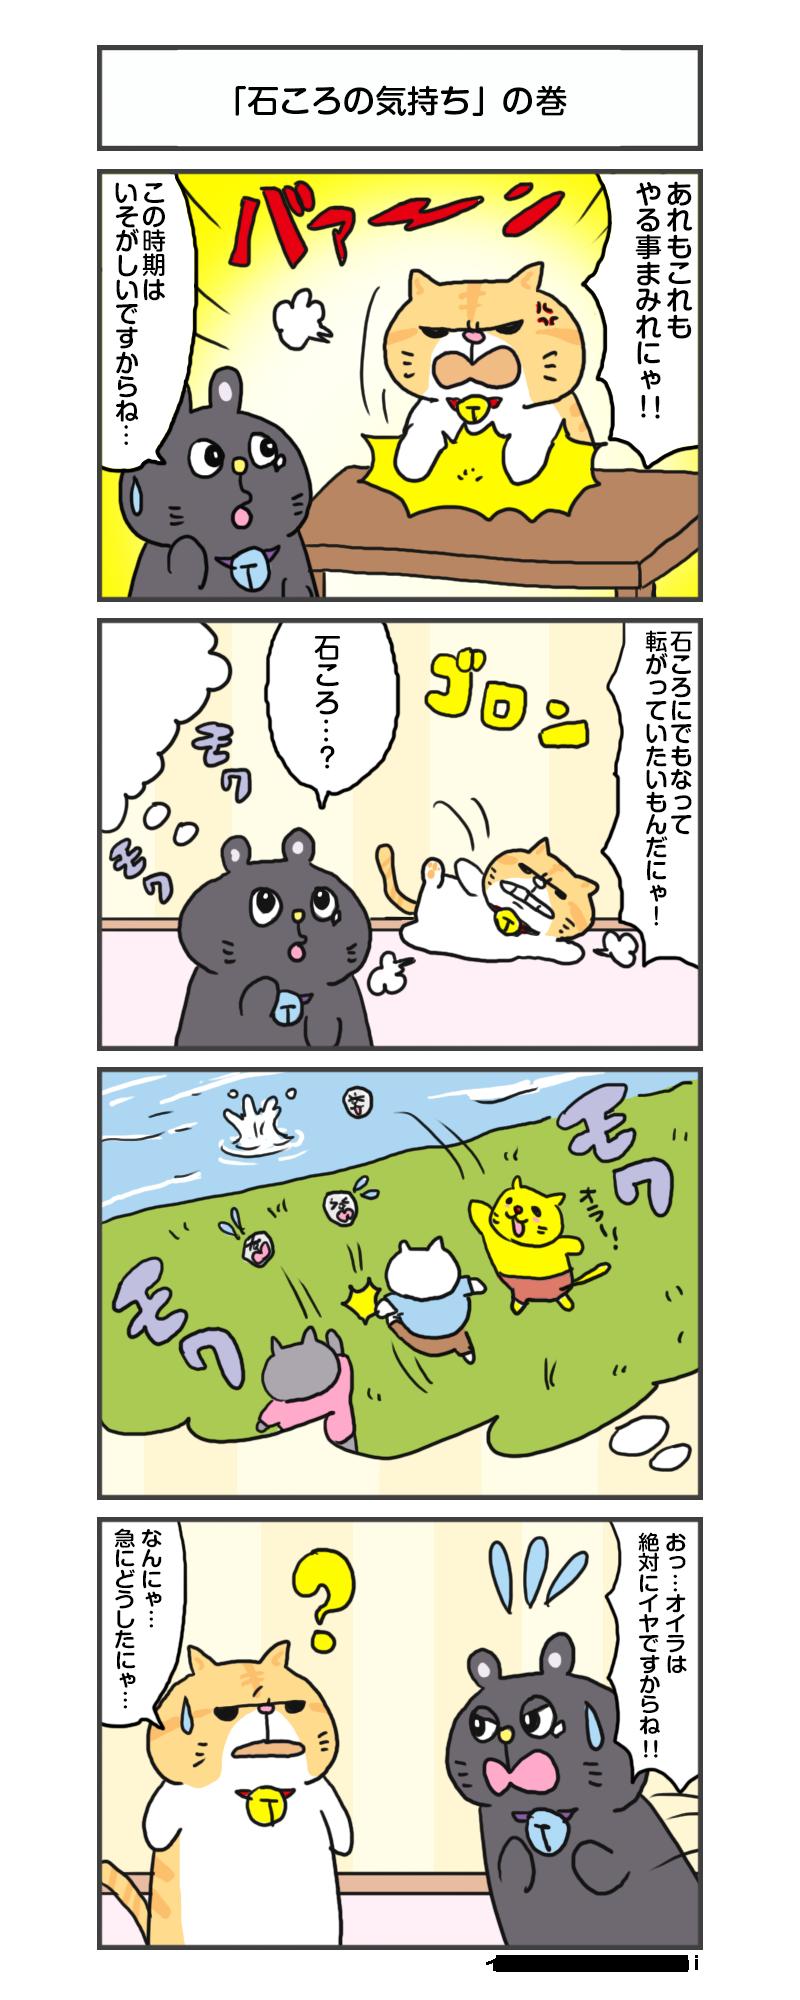 縺医″縺昴y縺・anga_vol.208